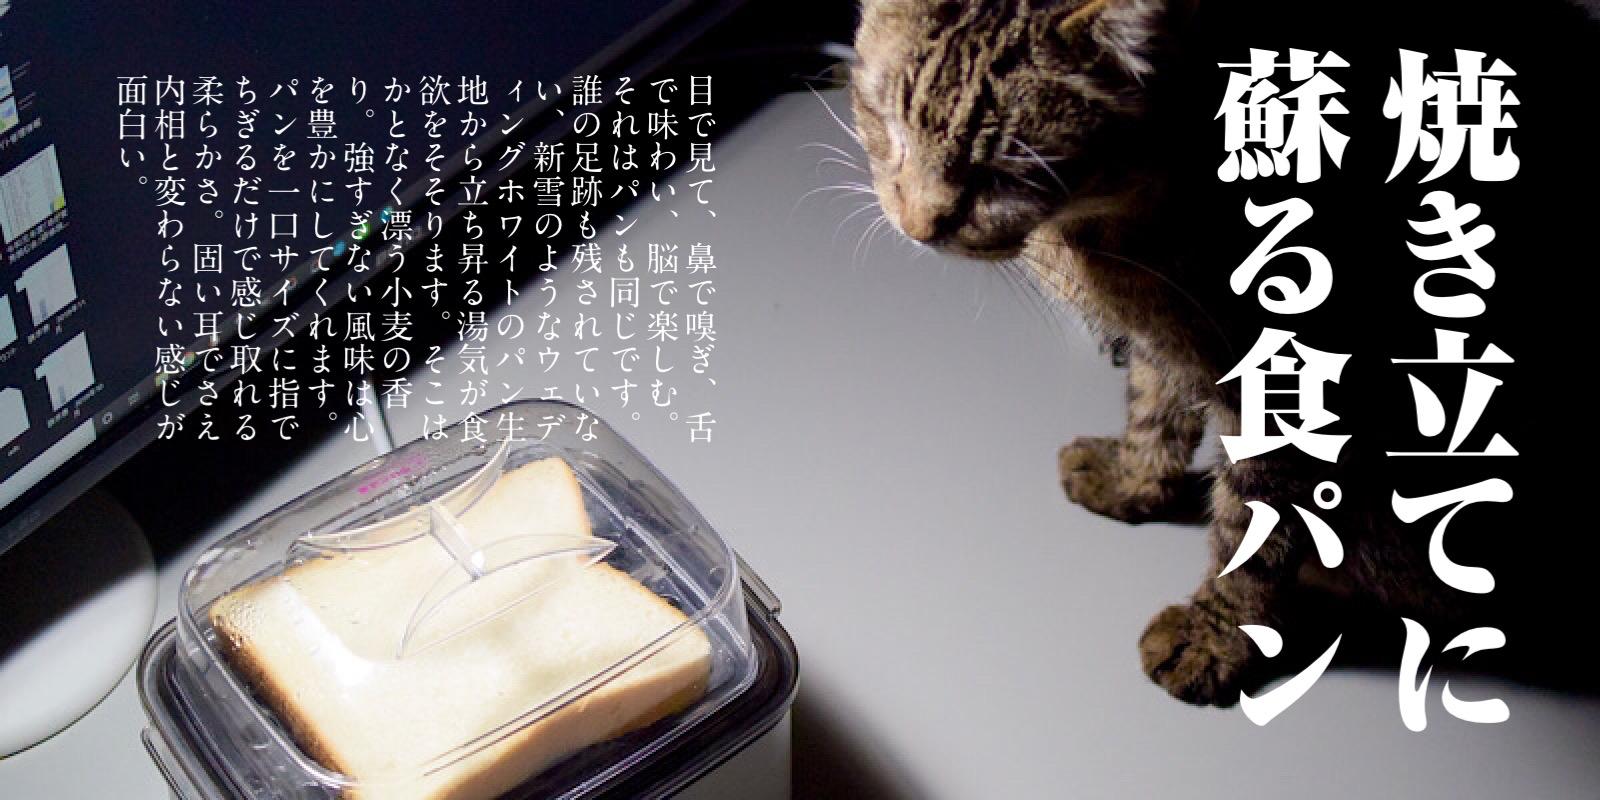 蒸し器の中の食パンと猫